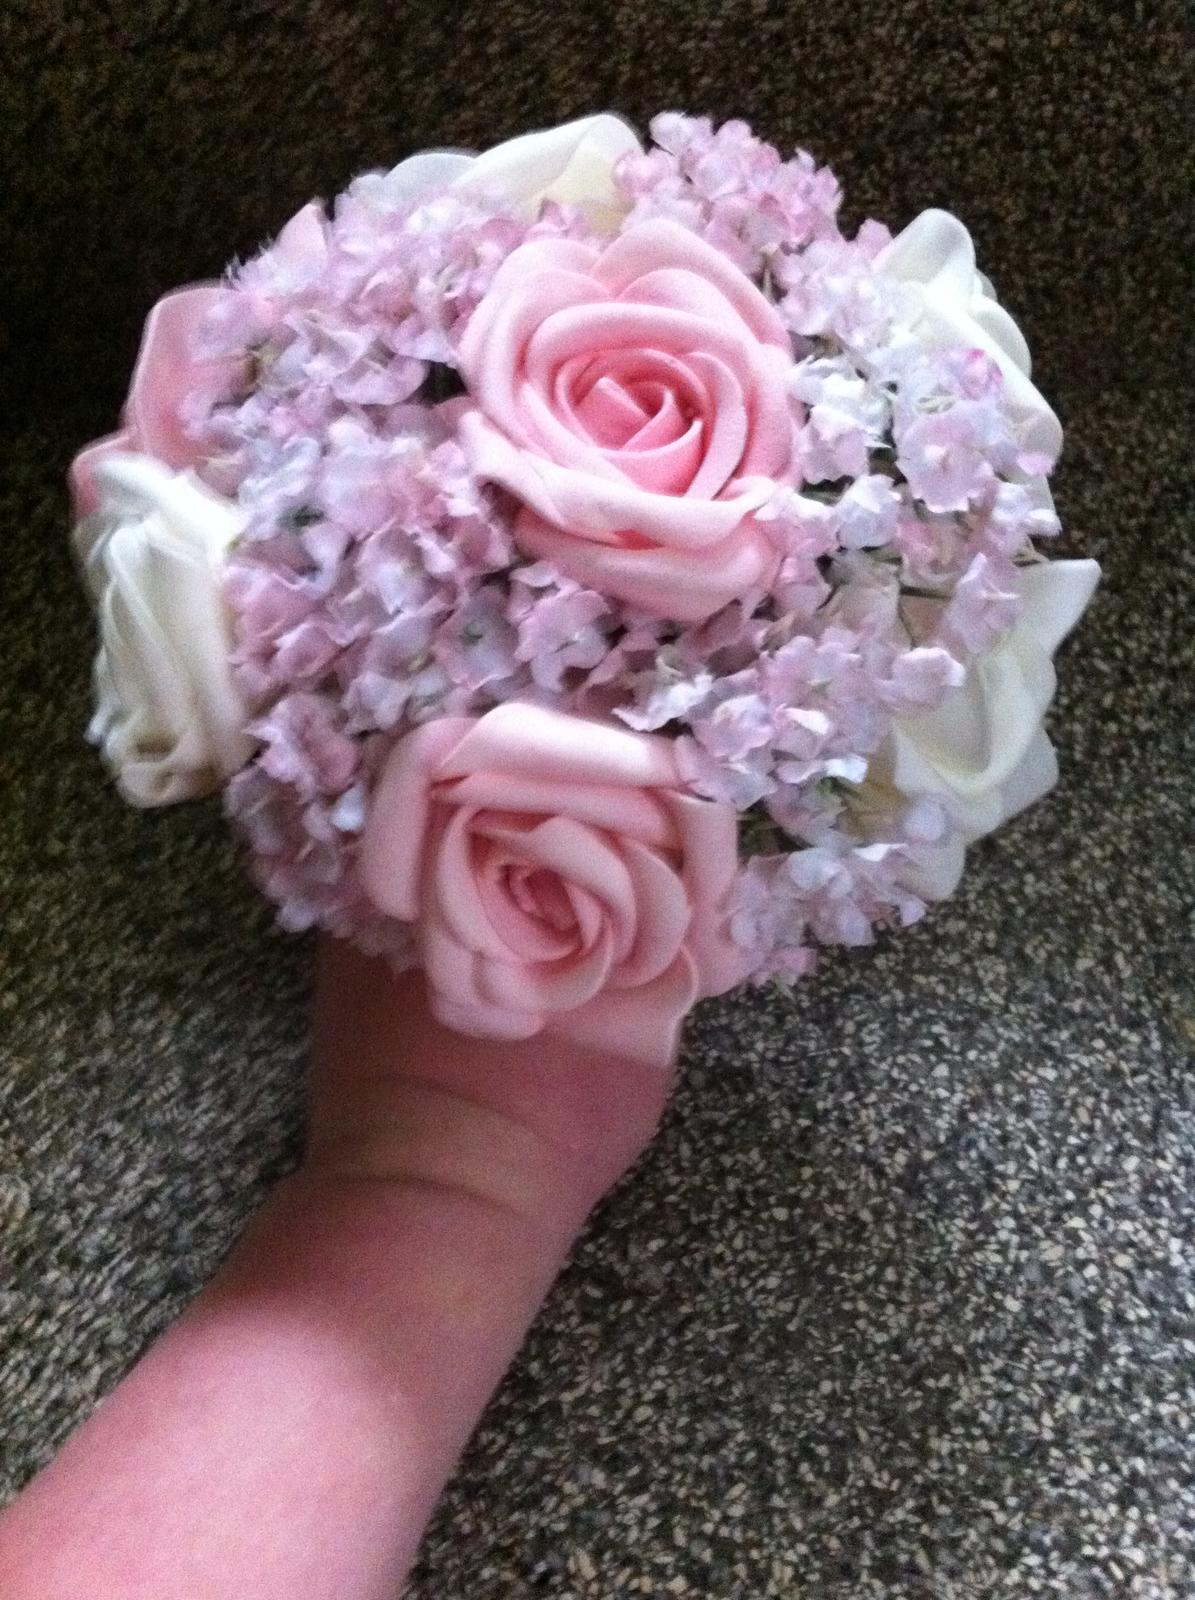 Netradiční svatební kytice - pěnové růžičky + polštářky pod prstýnky, košíčky - mini kytička :)